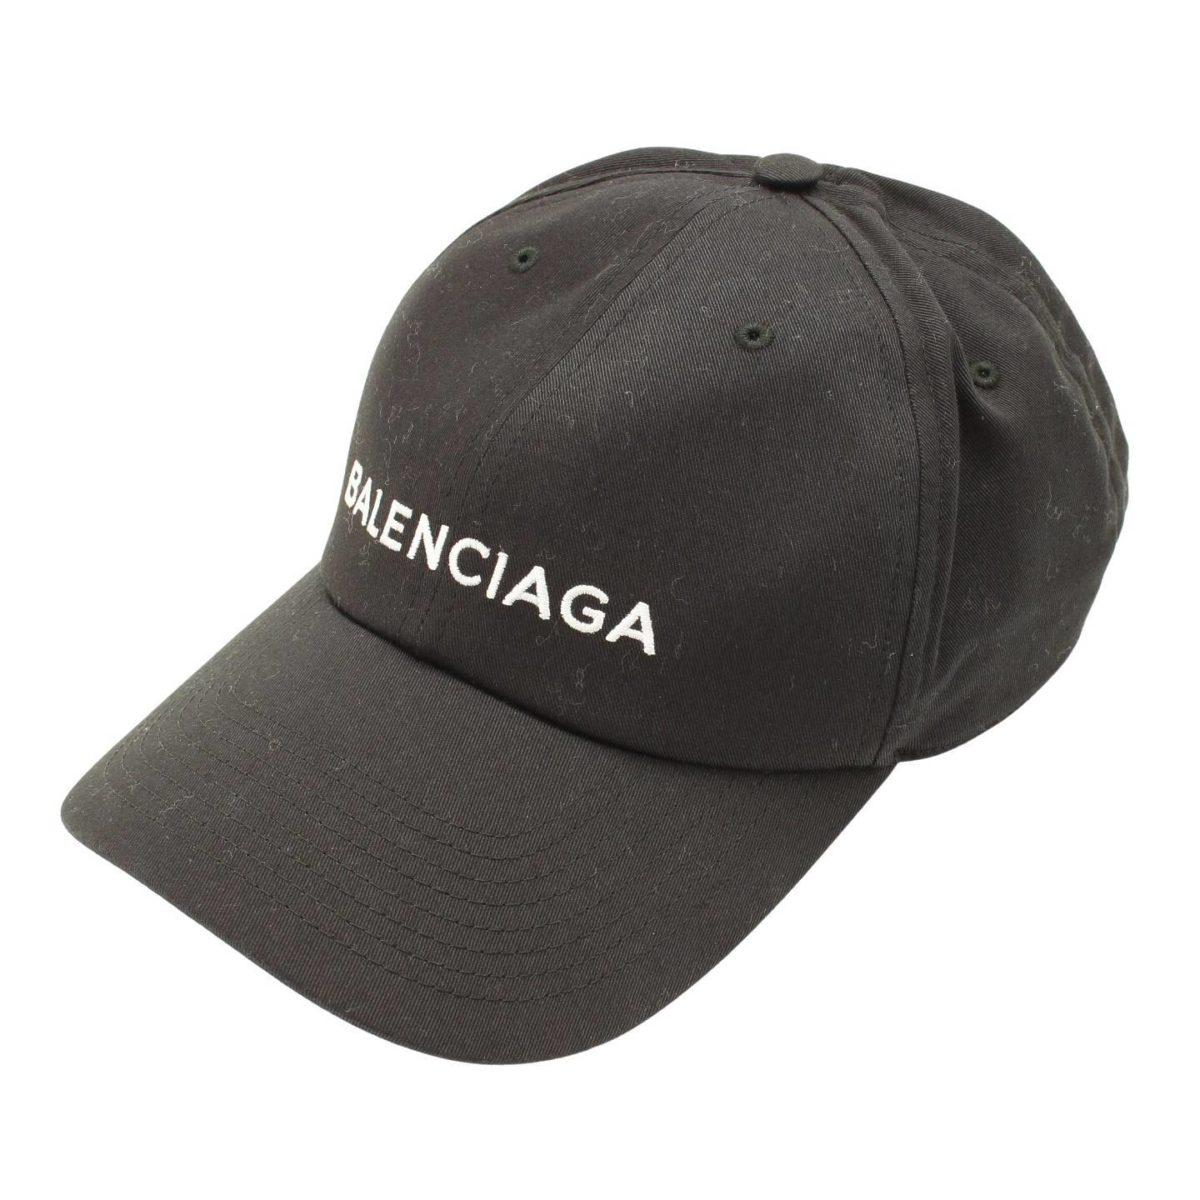 バレンシアガ ロゴ ベースボールキャップ 452245 ブラック L58